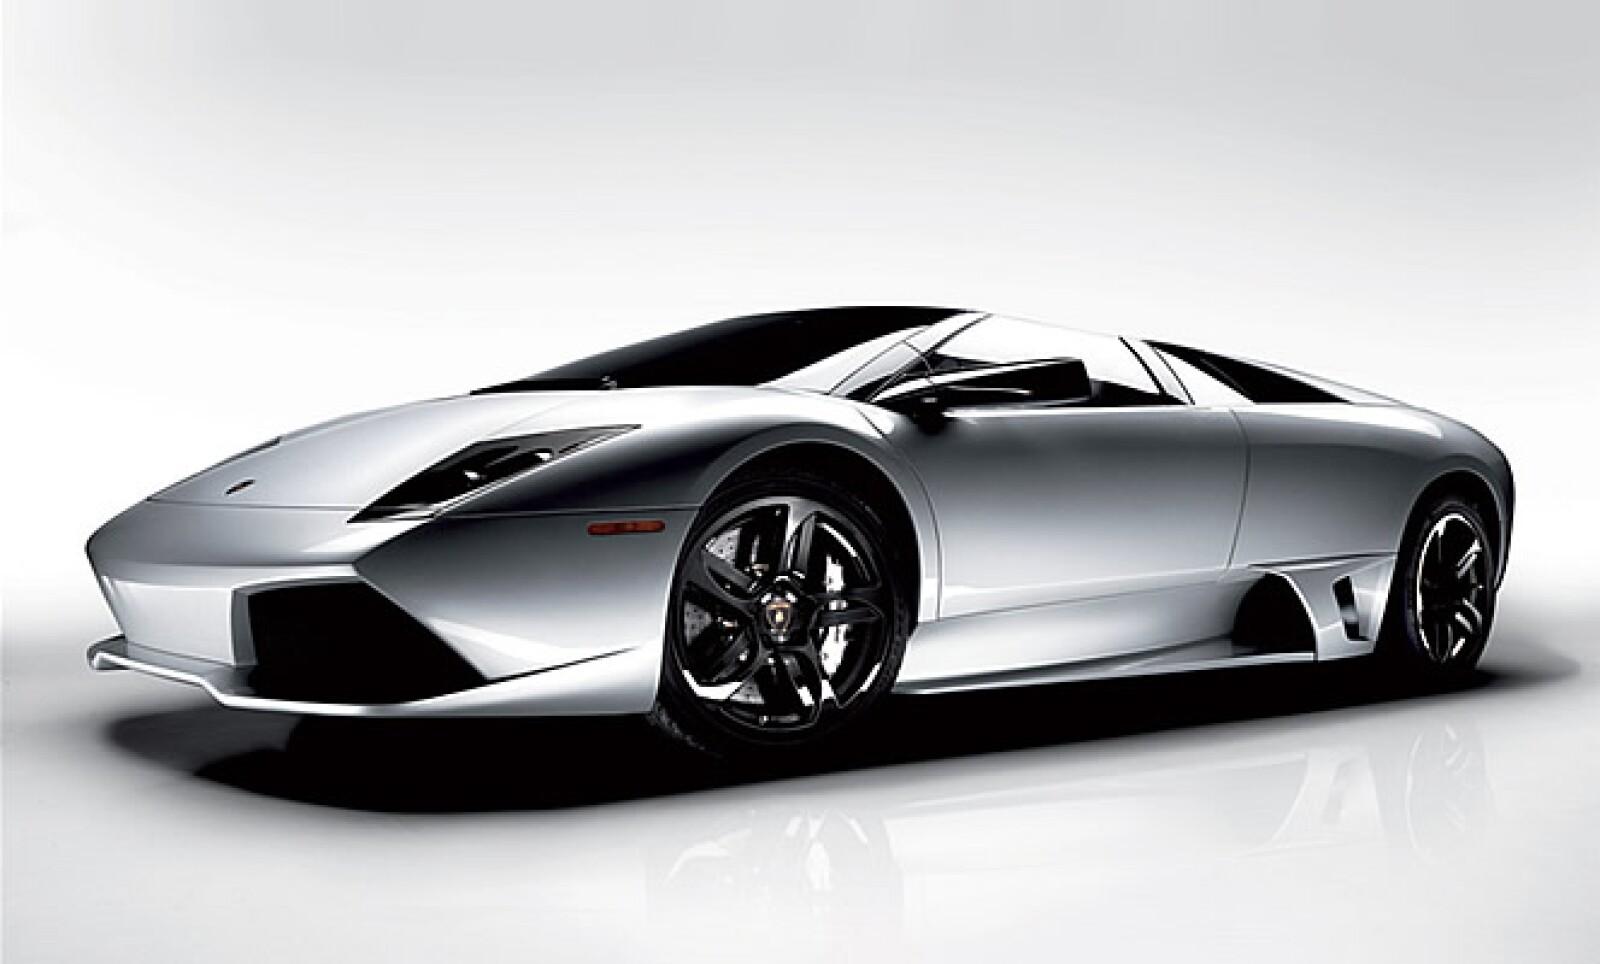 Esta variante del modelo anterior, le permite superar la barrera de los 340 km/h y alcanza los 100 km/h en 3.4 segundos. Además de un motor con más potencia, el deportivo lleva en su material carbono y acero, para hacerlo más ligero.